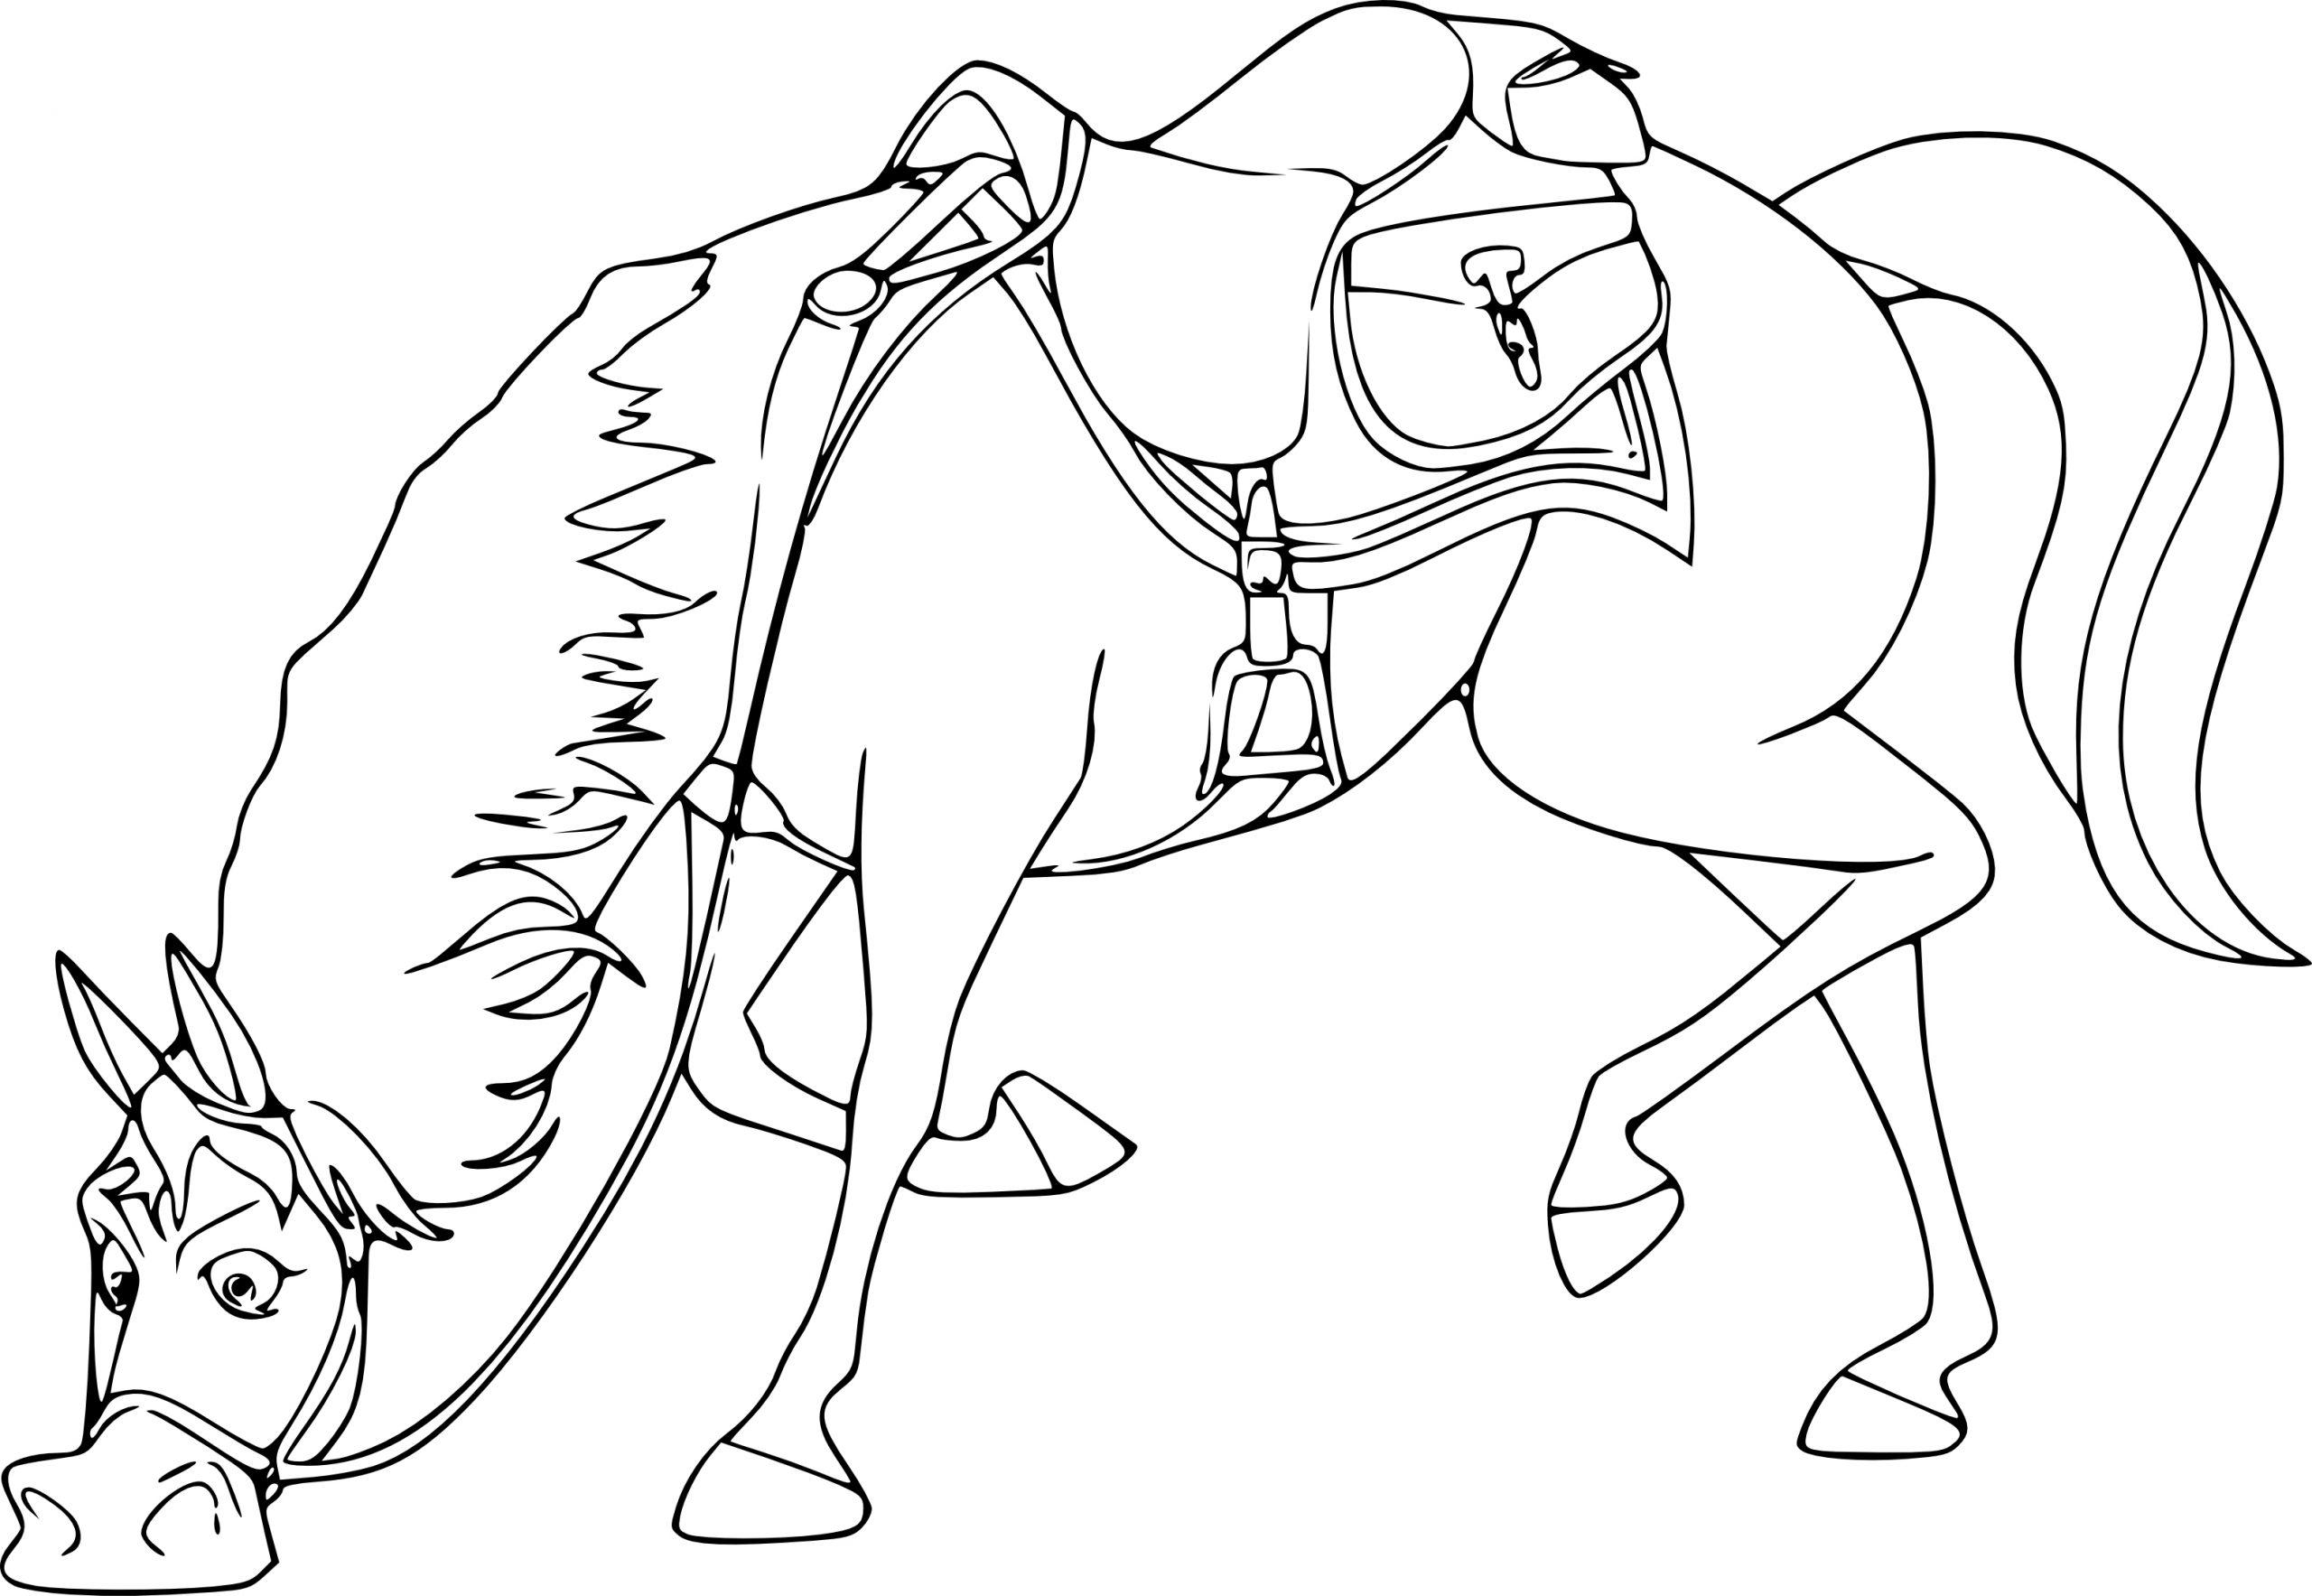 Coloriage Maximus Le Cheval Dans Raiponce À Imprimer concernant Dessin De Cheval A Colorier